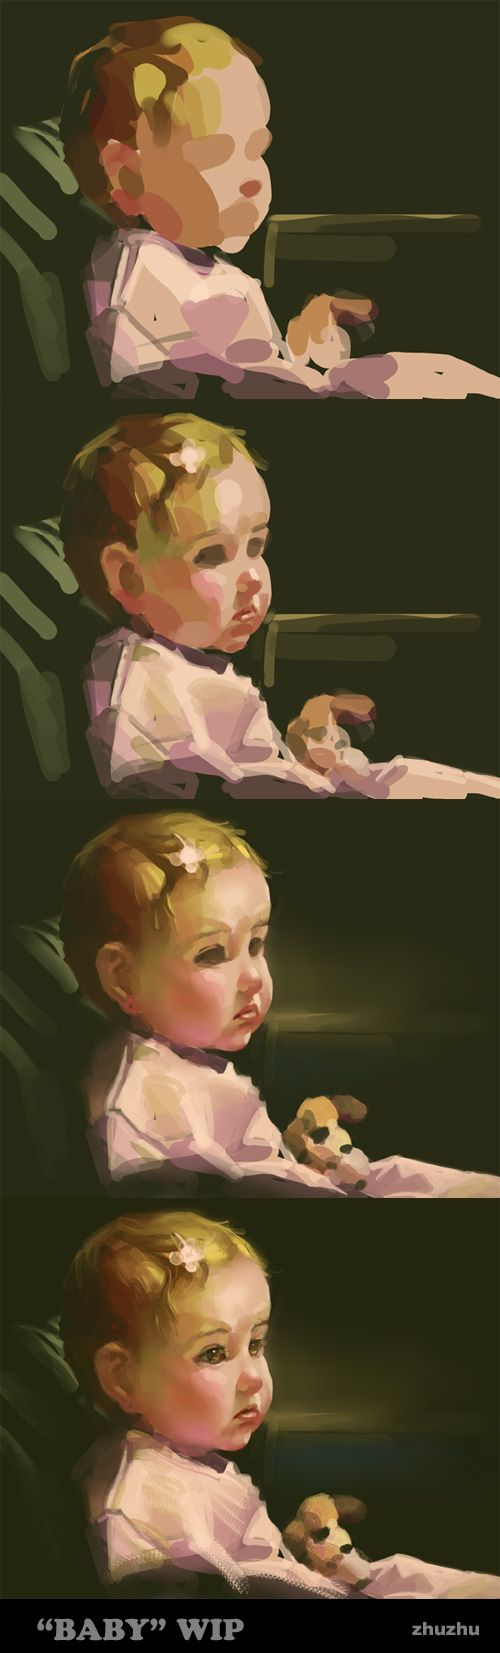 Baby Steps by zhuzhu.deviantart.com on @deviantART